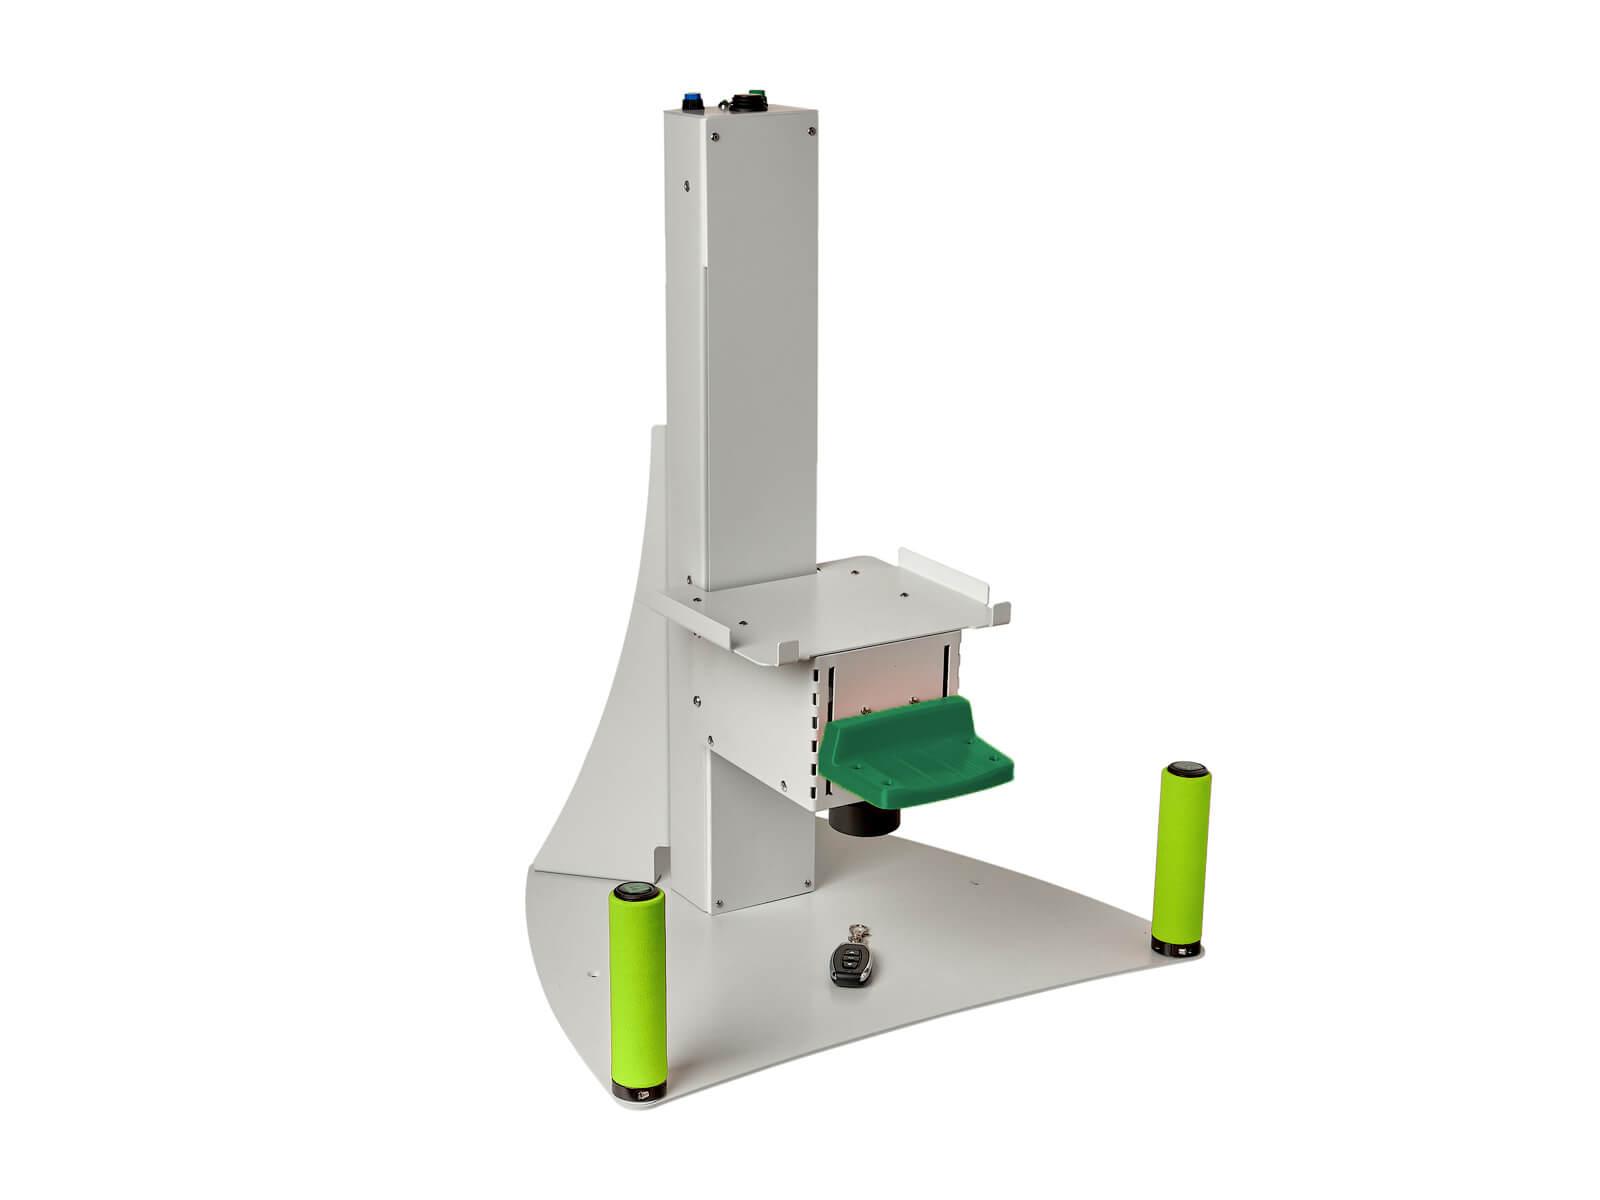 Штатив к аппарату МАКДЭЛ-09 зелёный без аппарата